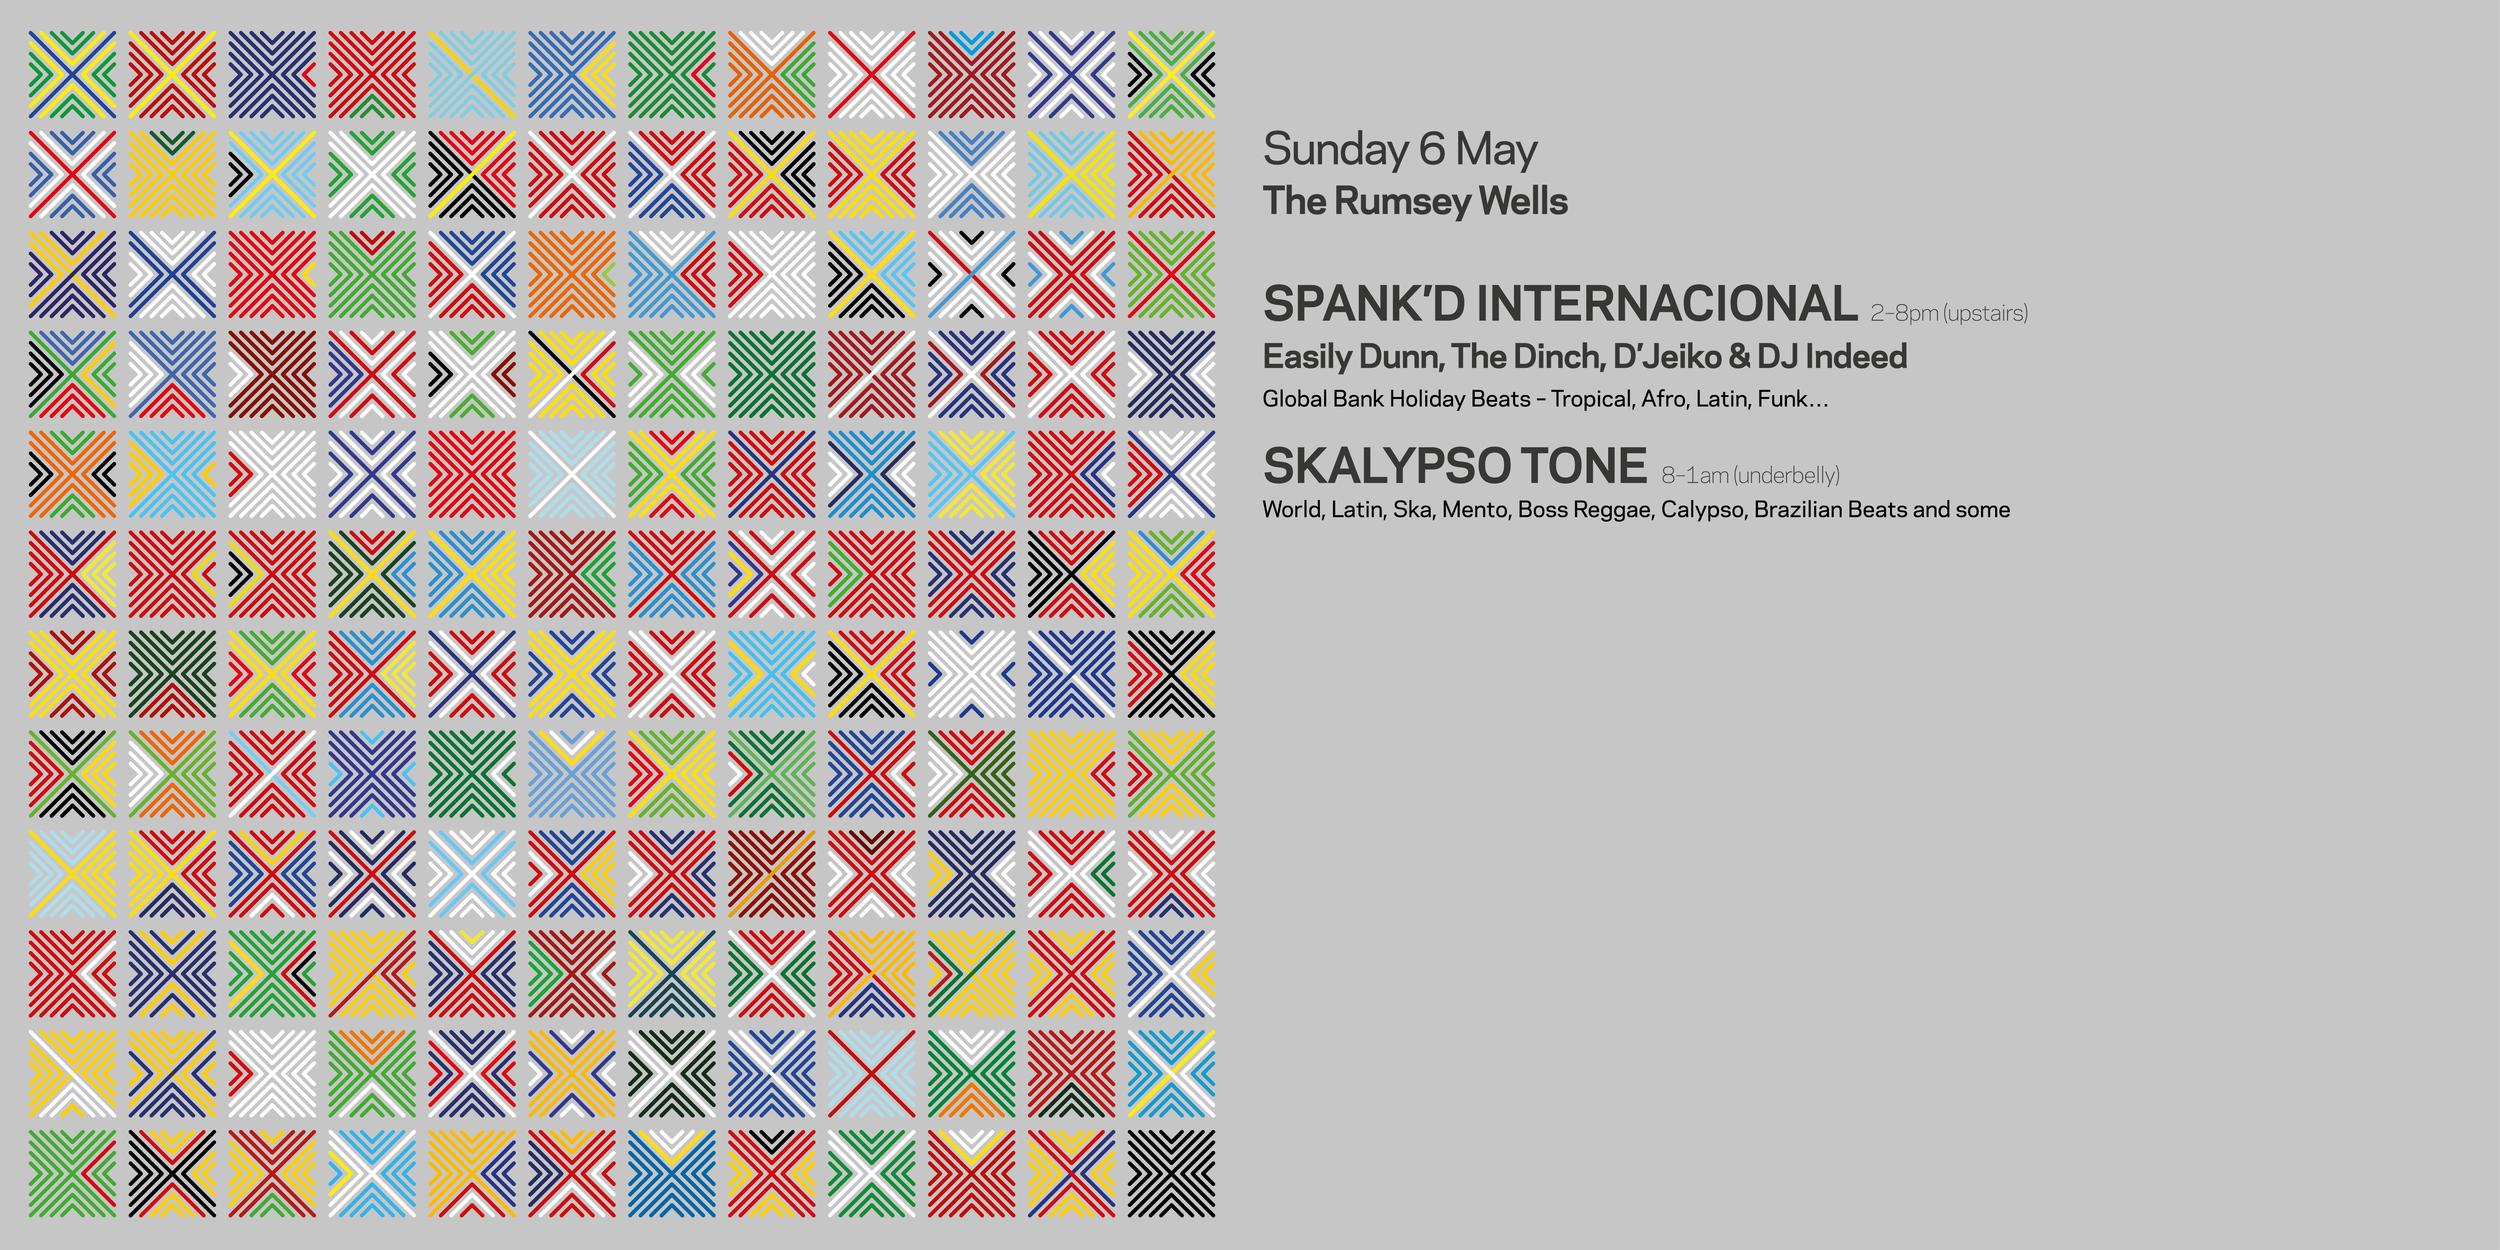 SPANK'D INTERNACIONAL POSTER DESIGN